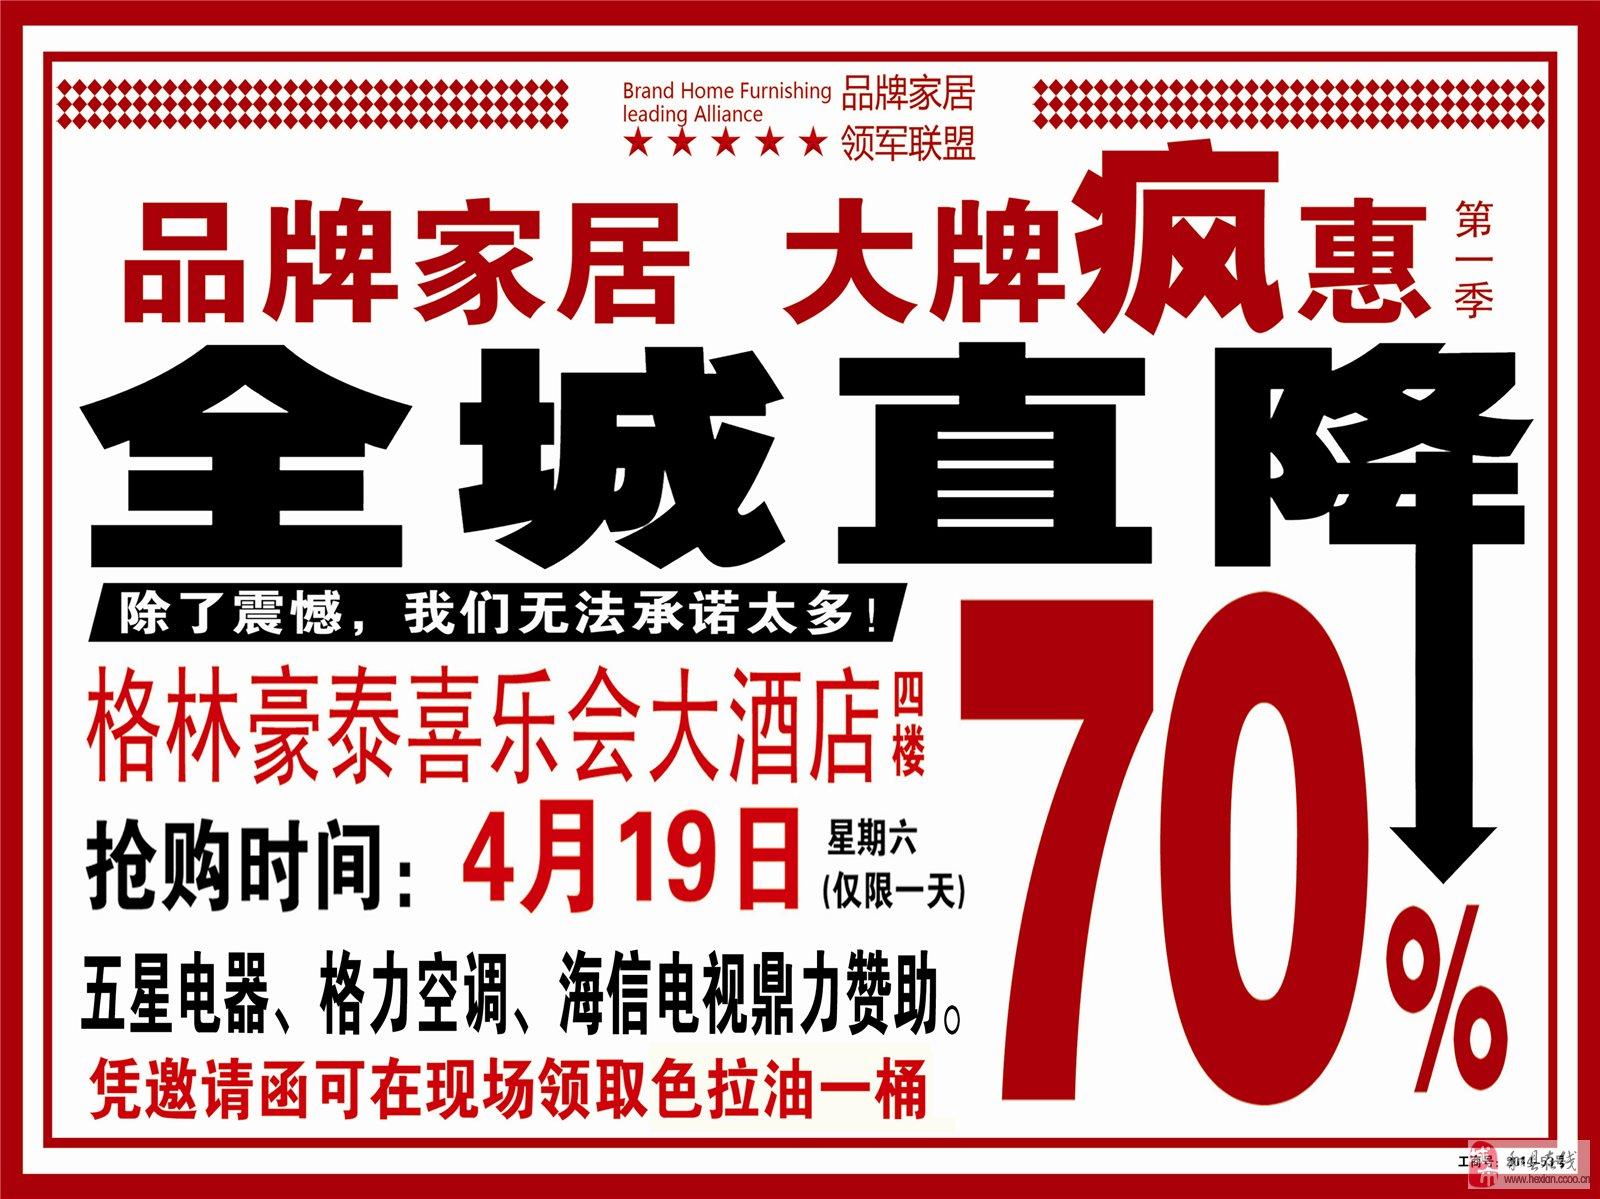 4月19日家居建材直降%70,三折卖